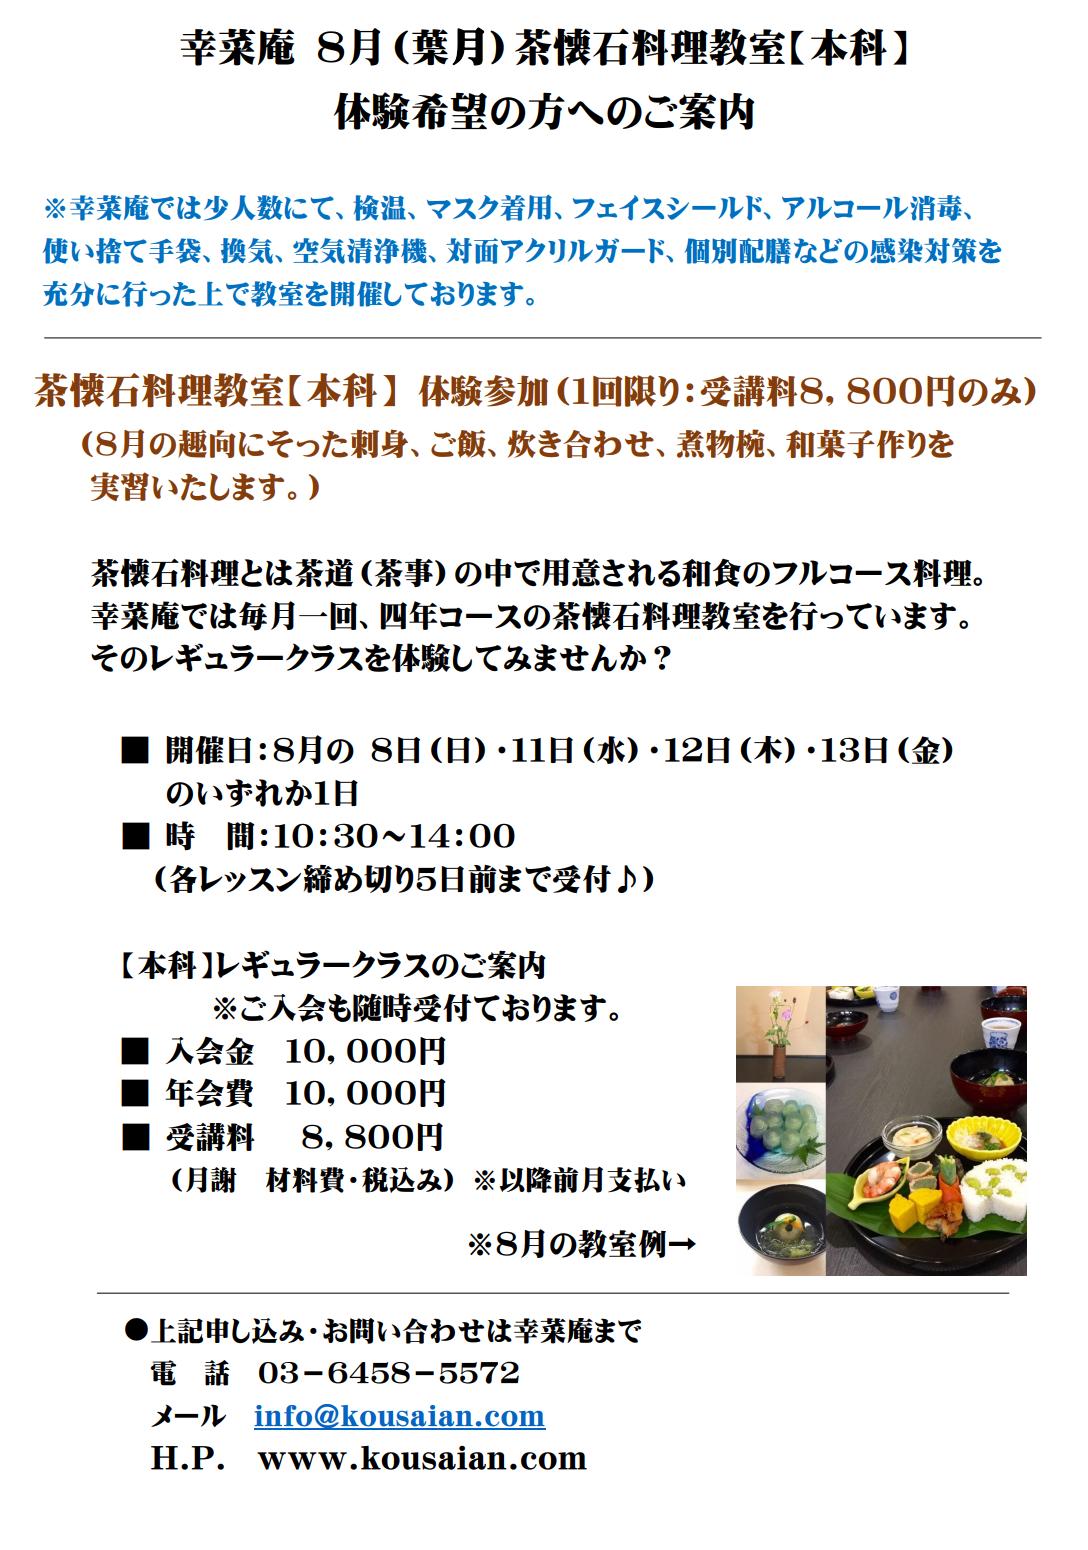 8月(葉月)幸菜庵 茶懐石料理教室の体験参加ご案内